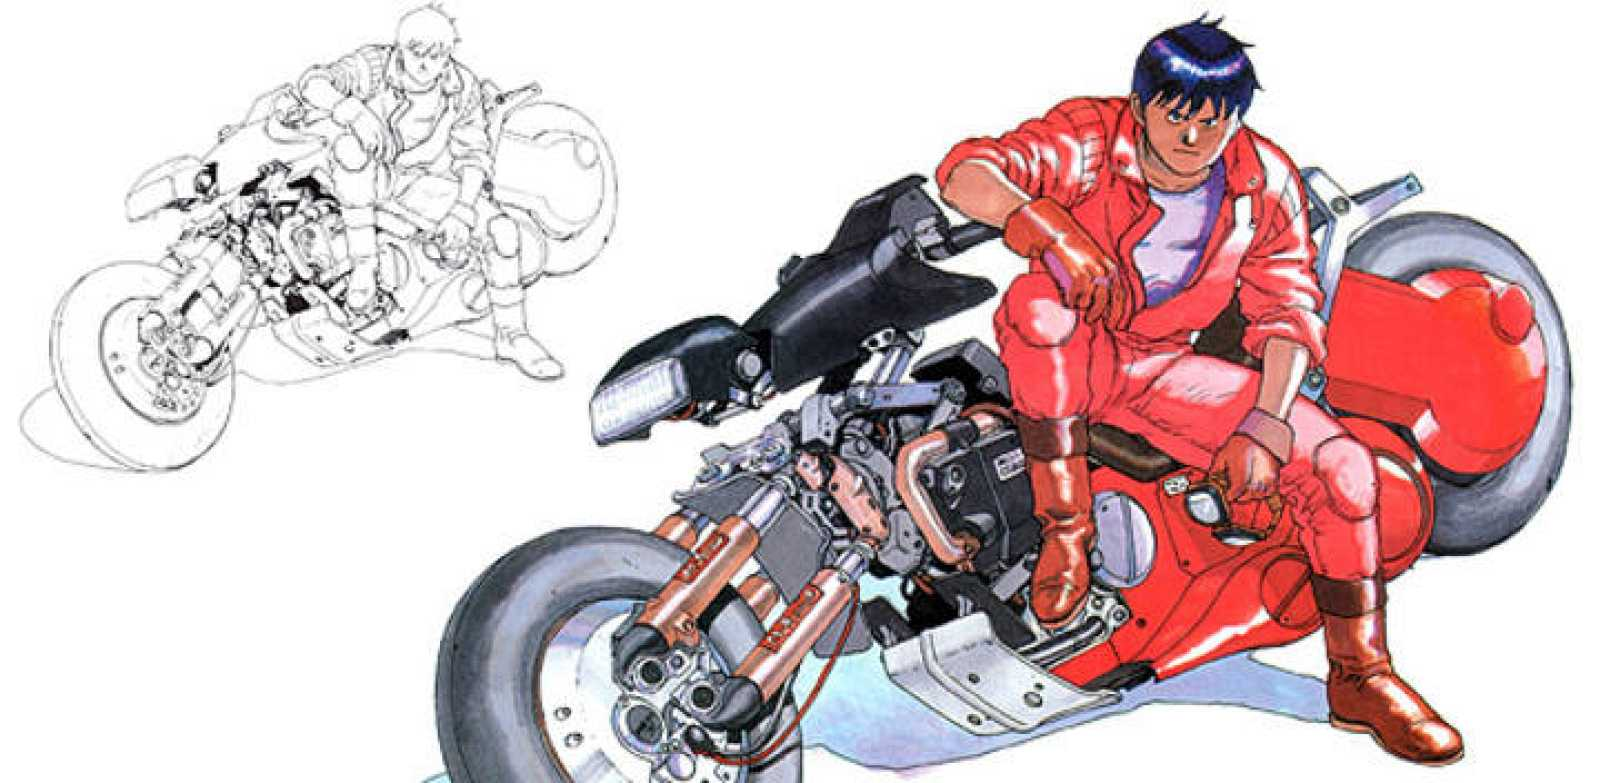 Kaneda, el protagonista de 'Akira' de Katsuhiro Otomo